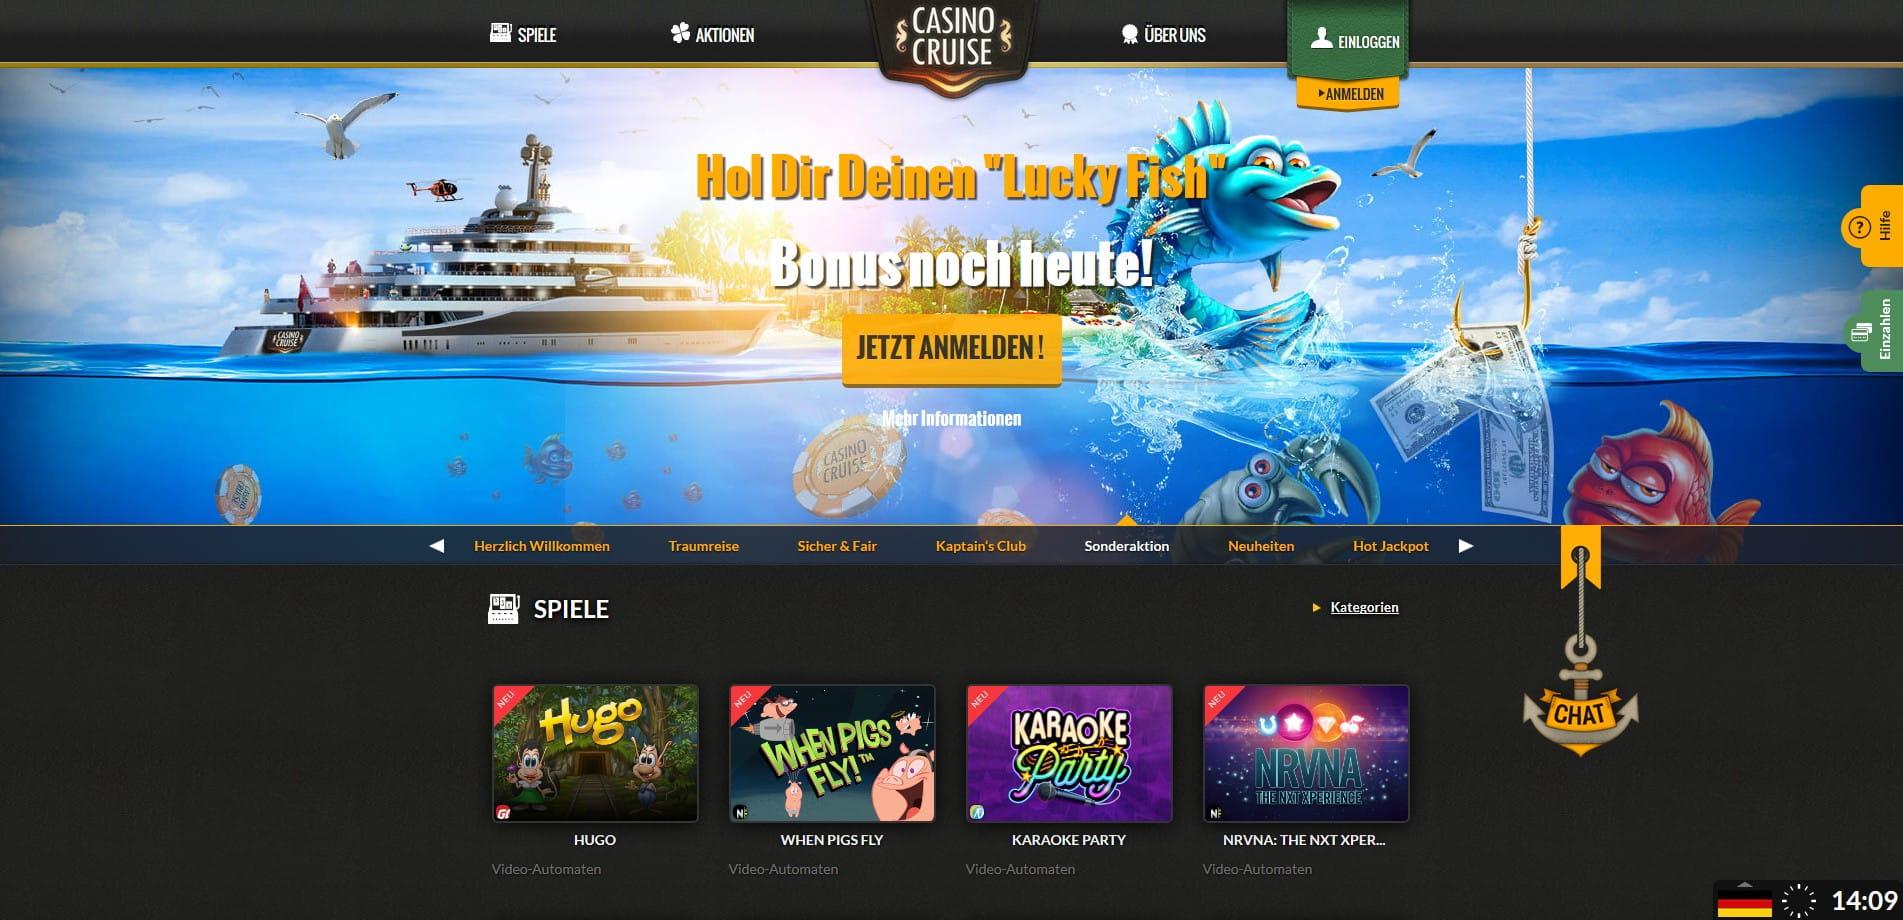 lotto online spielen auszahlung